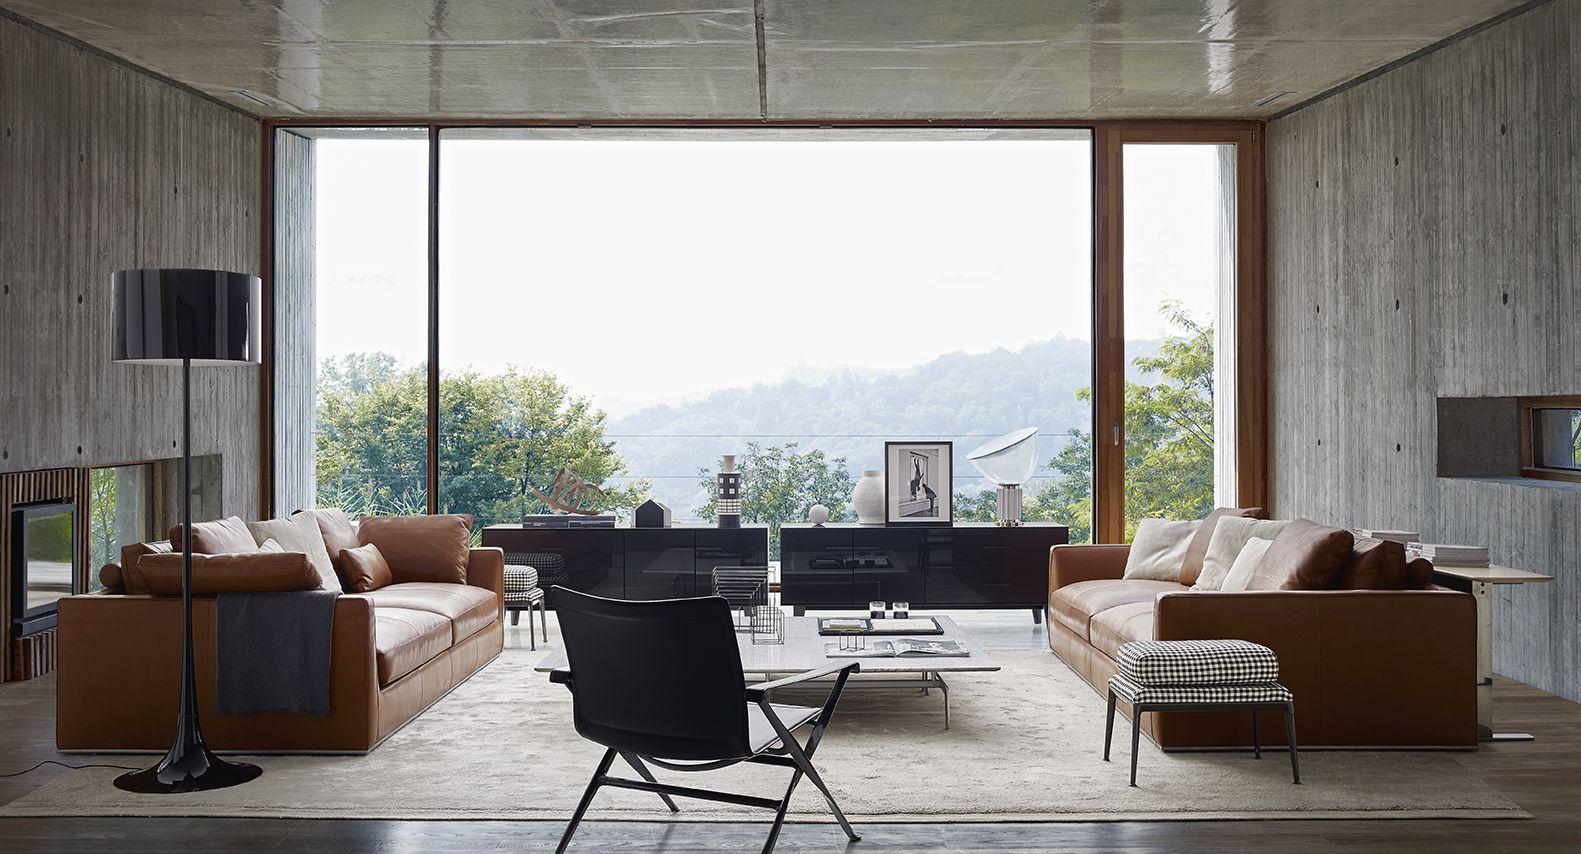 Mobili Italiani Moderni : Pin di barsaa baagii su architecture & interior pinterest